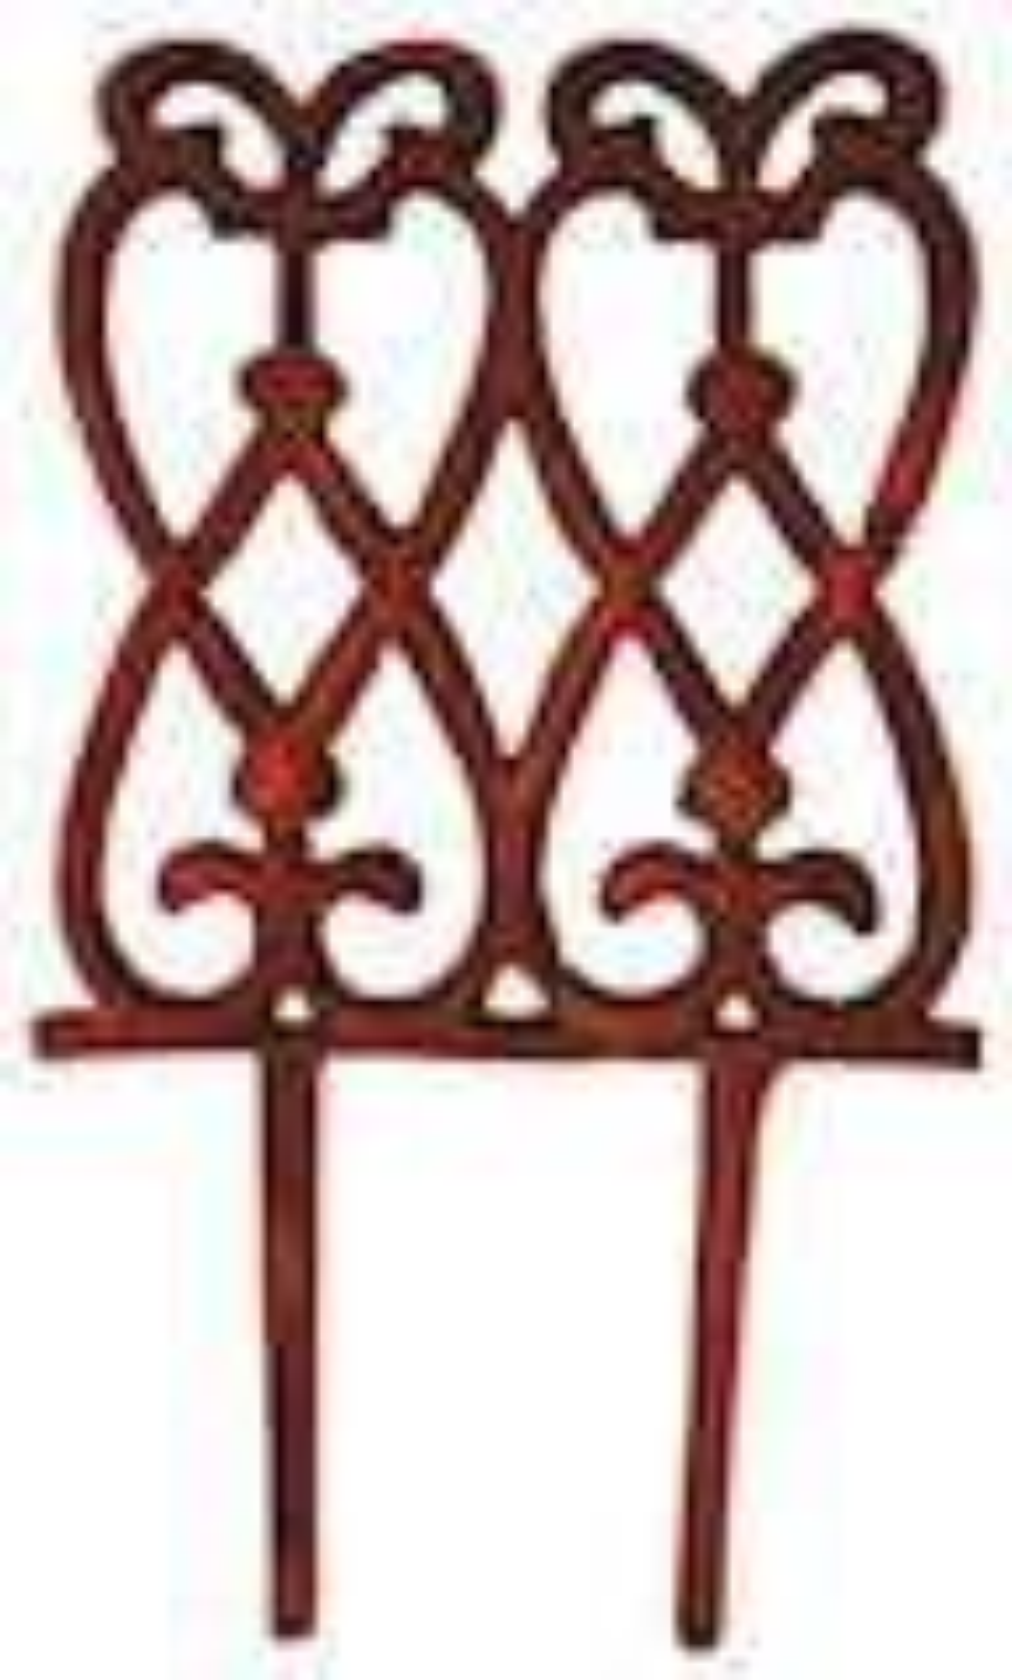 Gietijzeren perkhek met sierlijke krullen 15x28cm